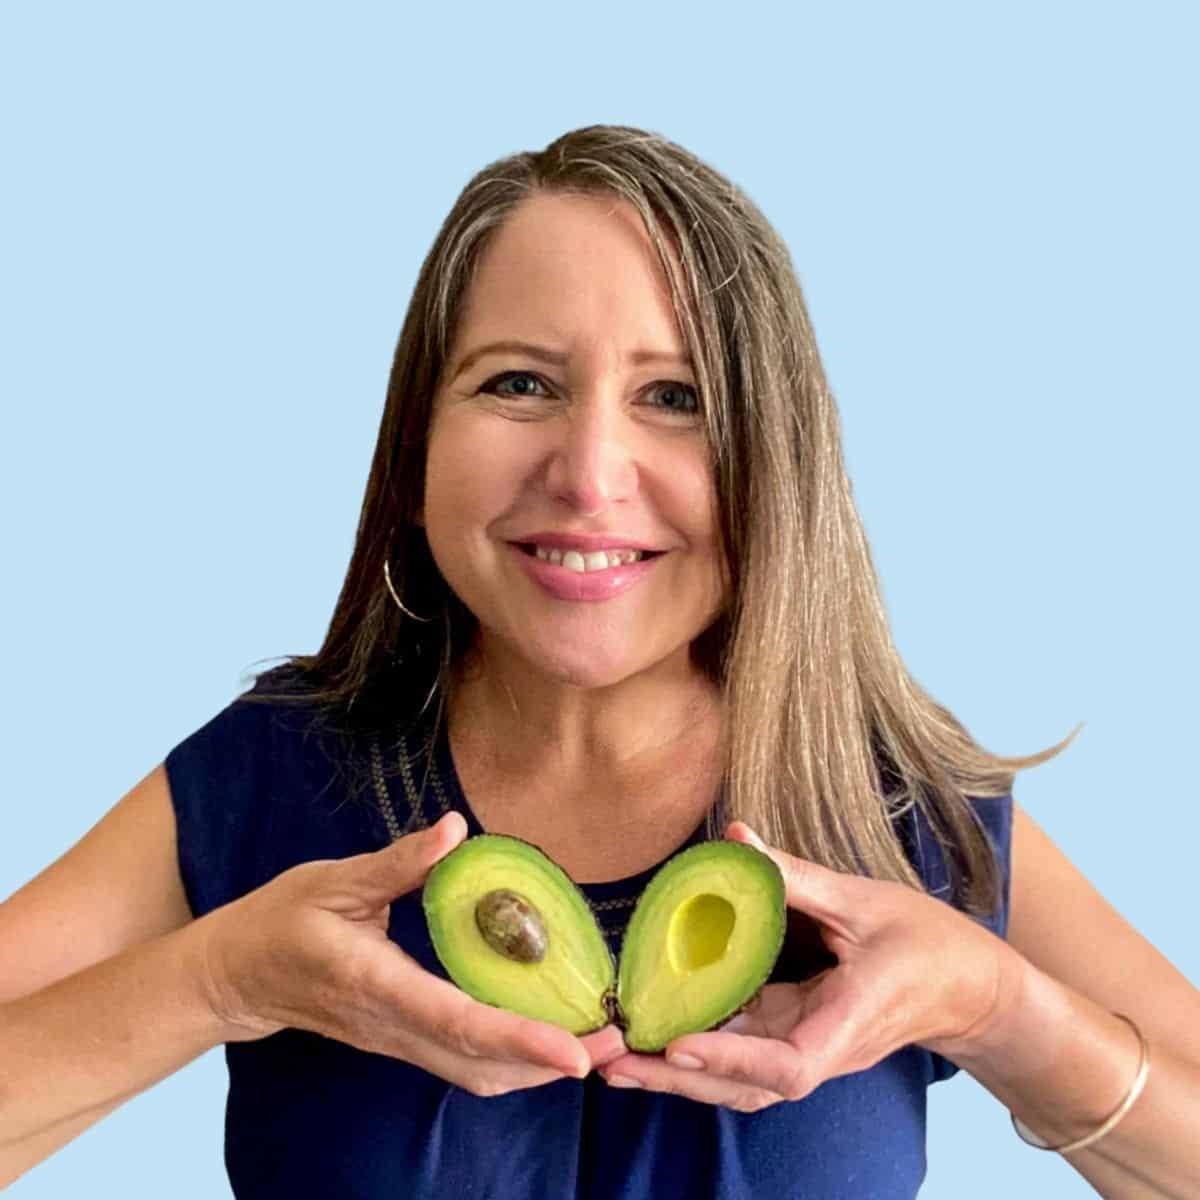 Amy holding an avocado like a heart